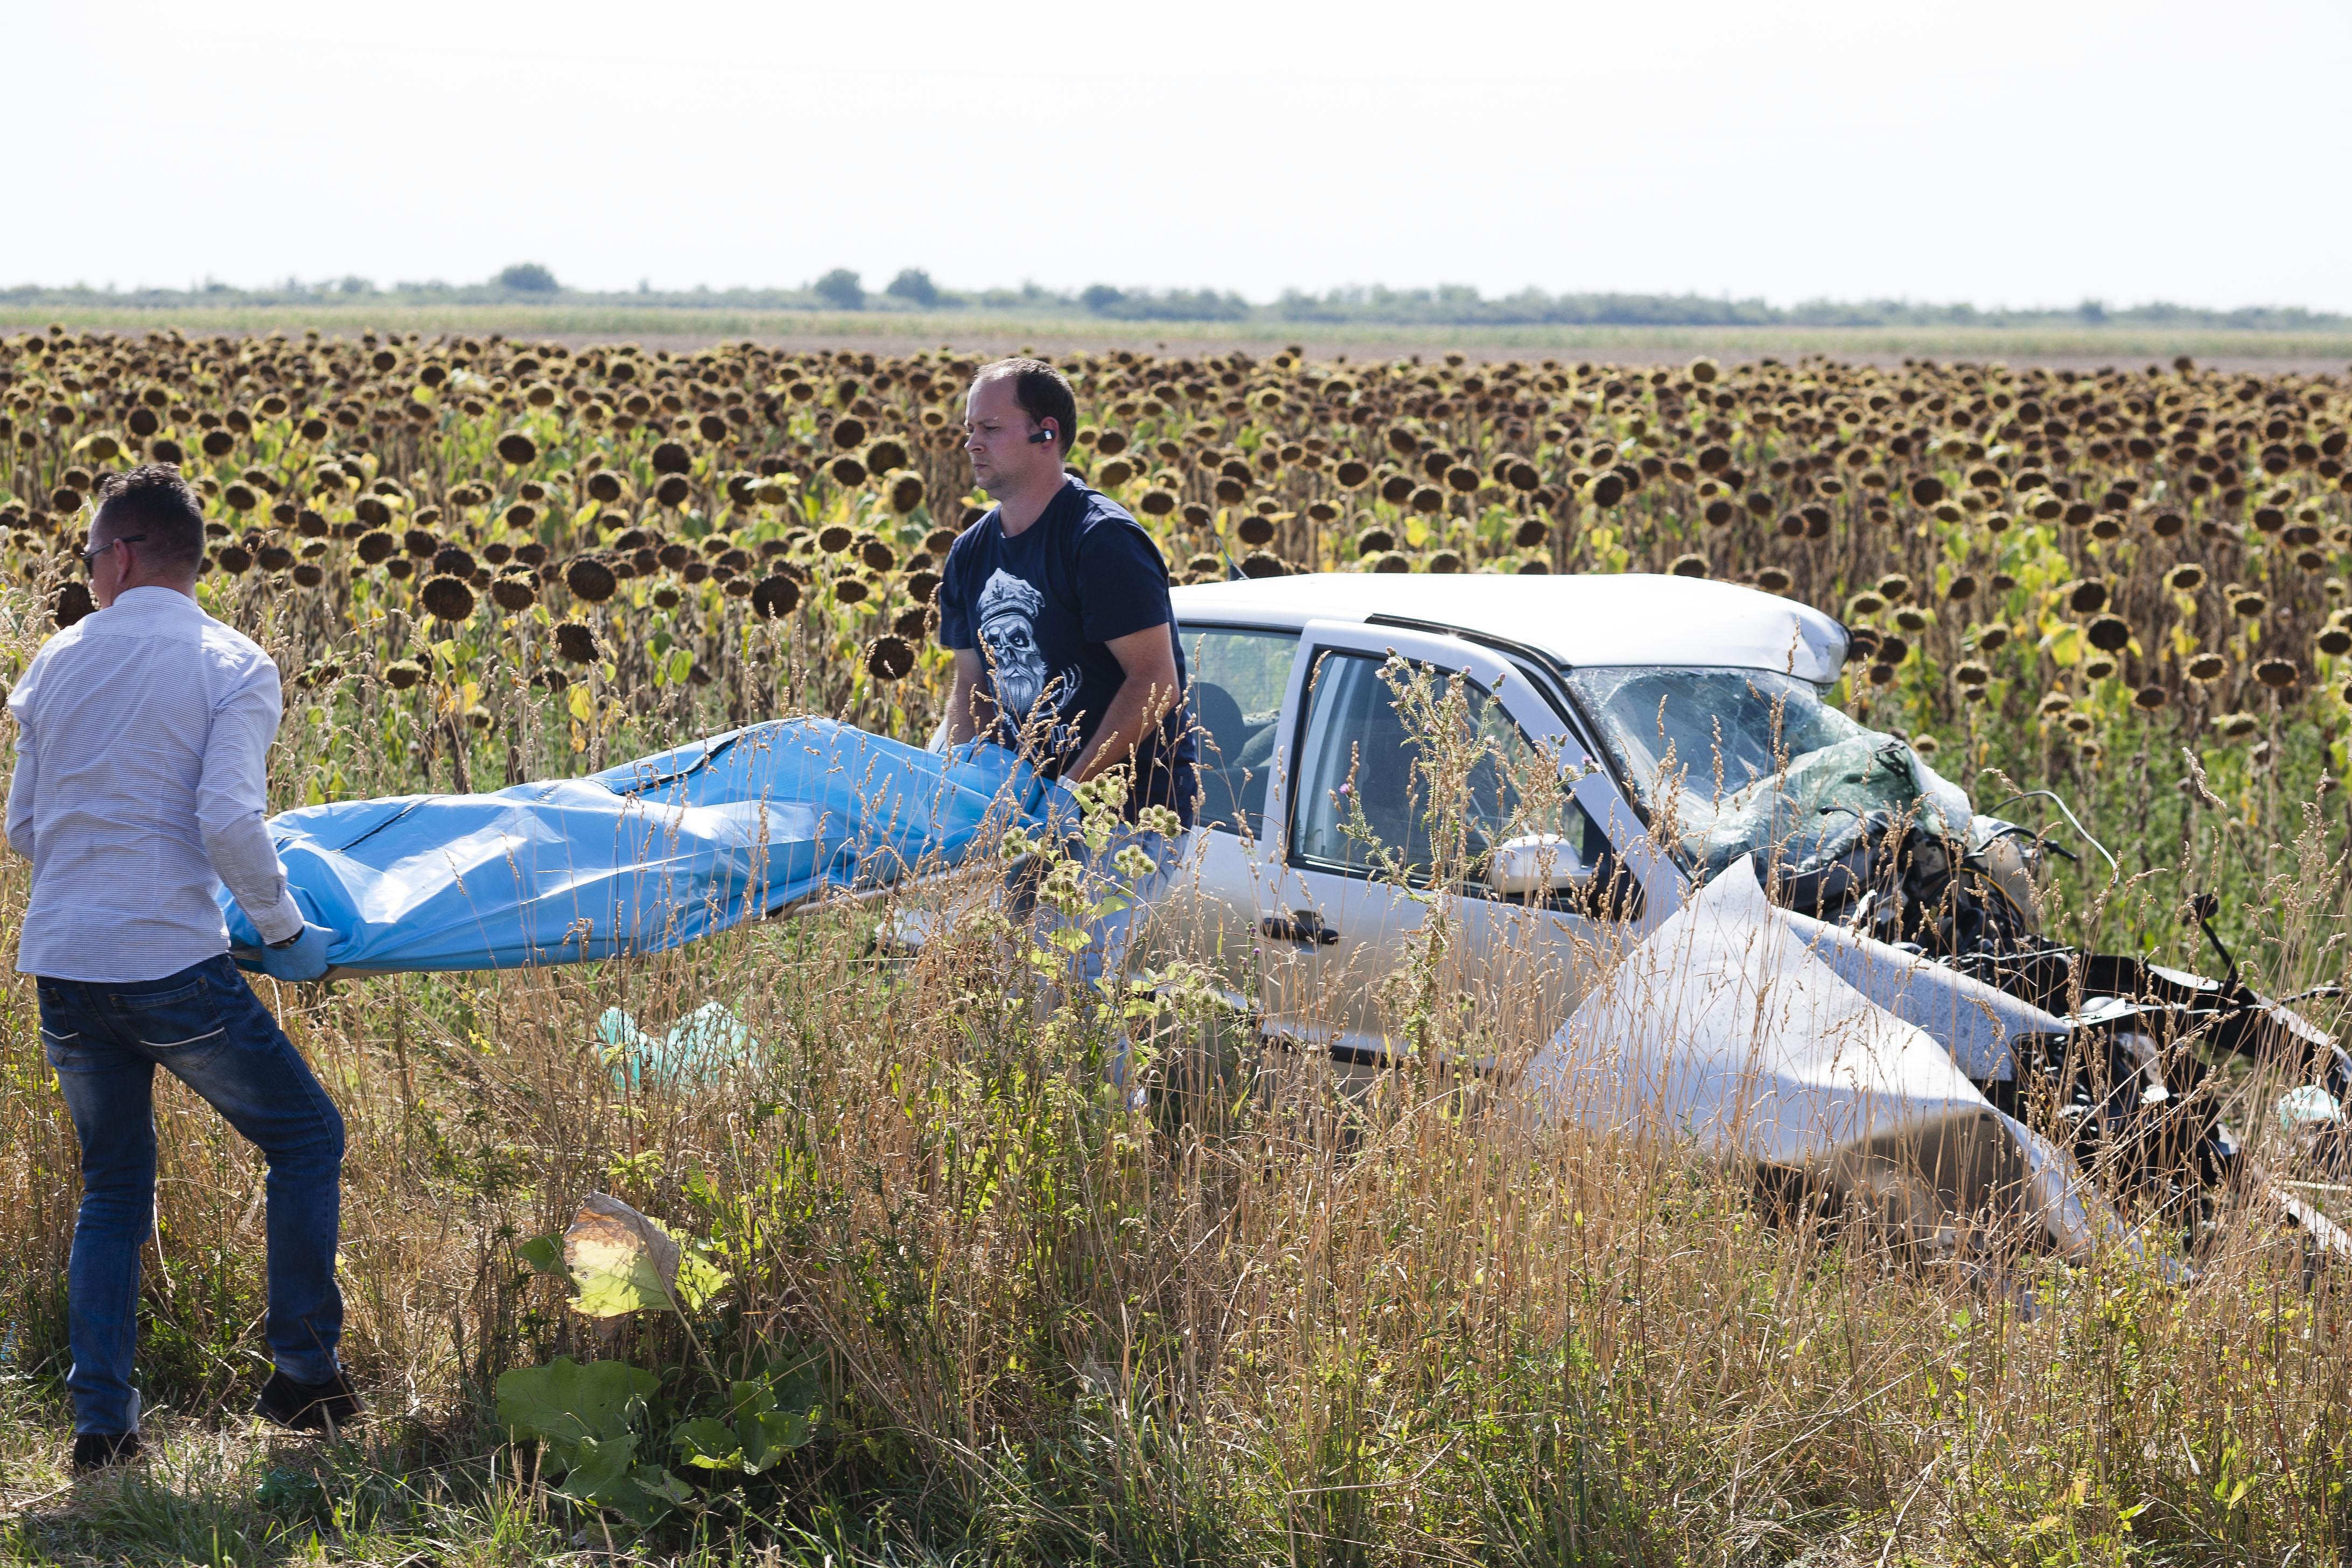 România are cei mai mulți morți în accidente rutiere din Europa. Care este cel mai periculos drum din țară